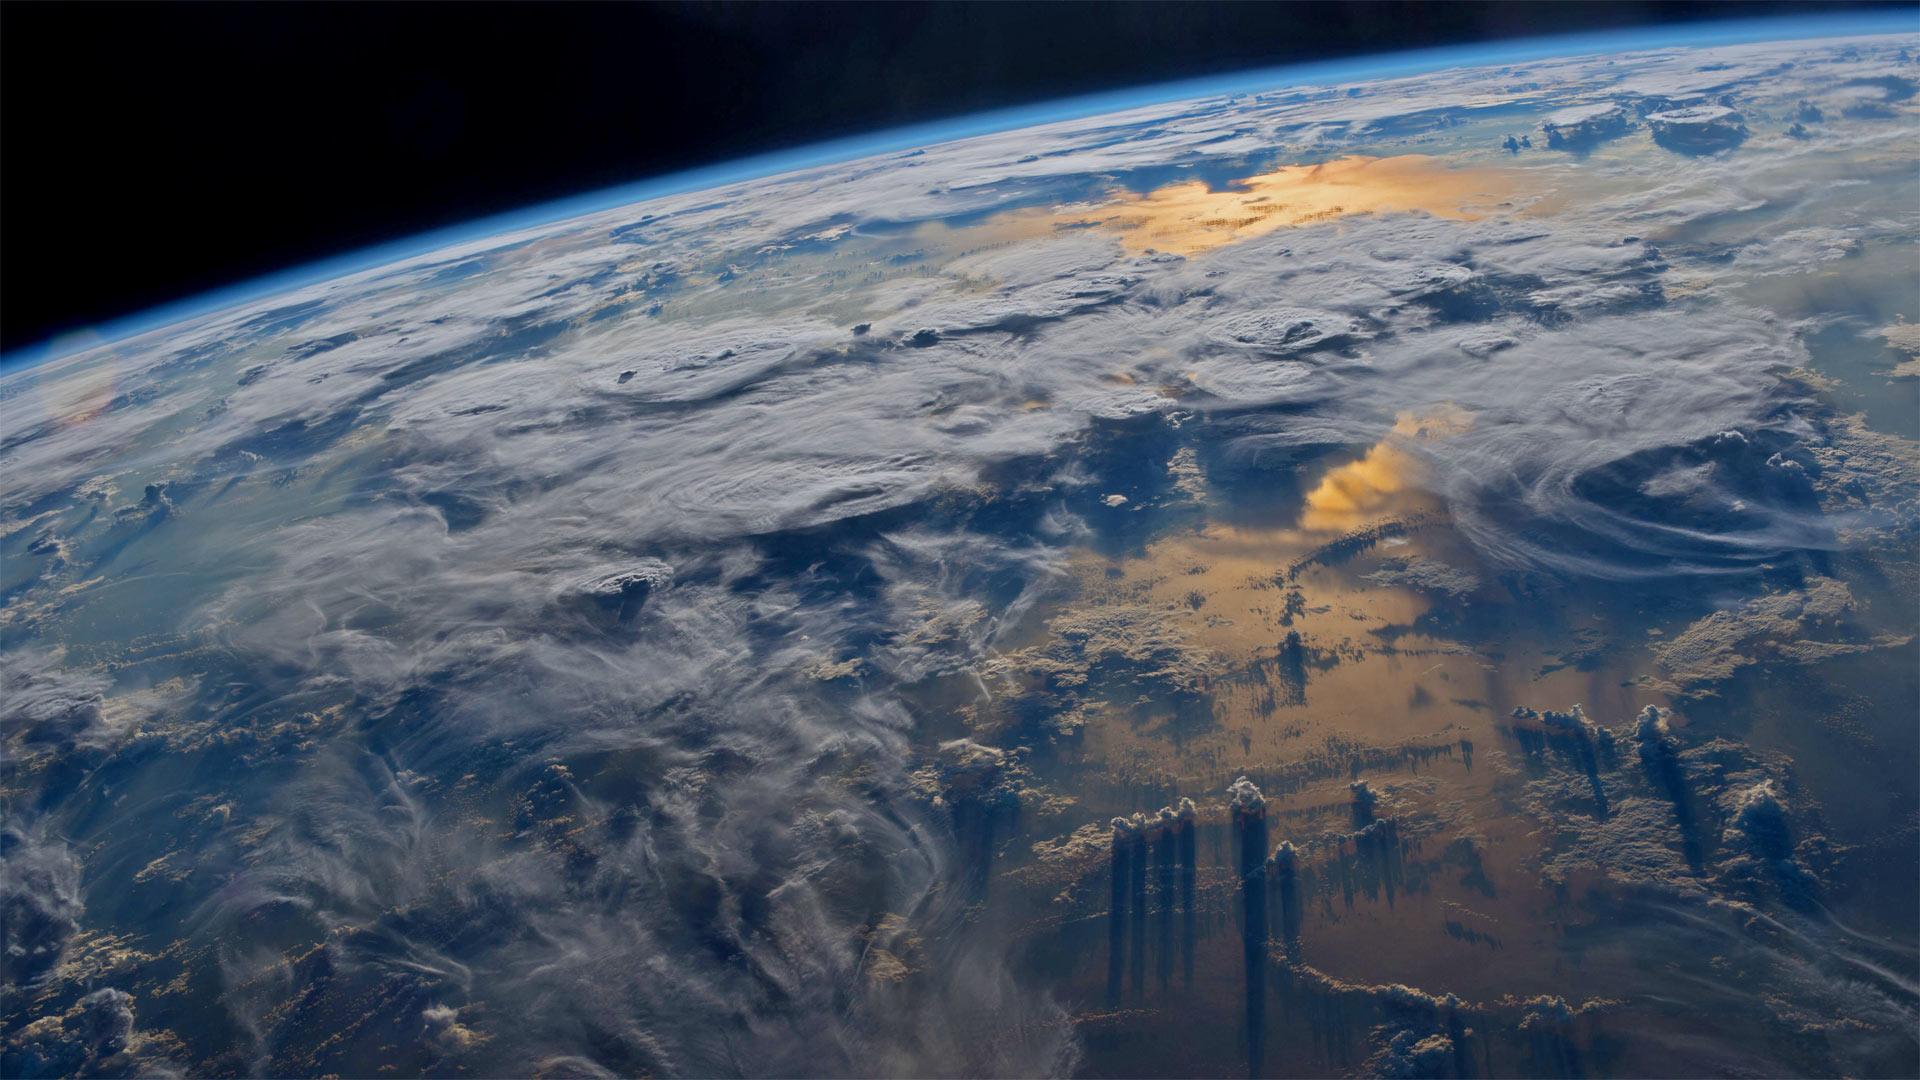 「国際宇宙ステーションから見た地球」 (© Jeff Williams/NASA)